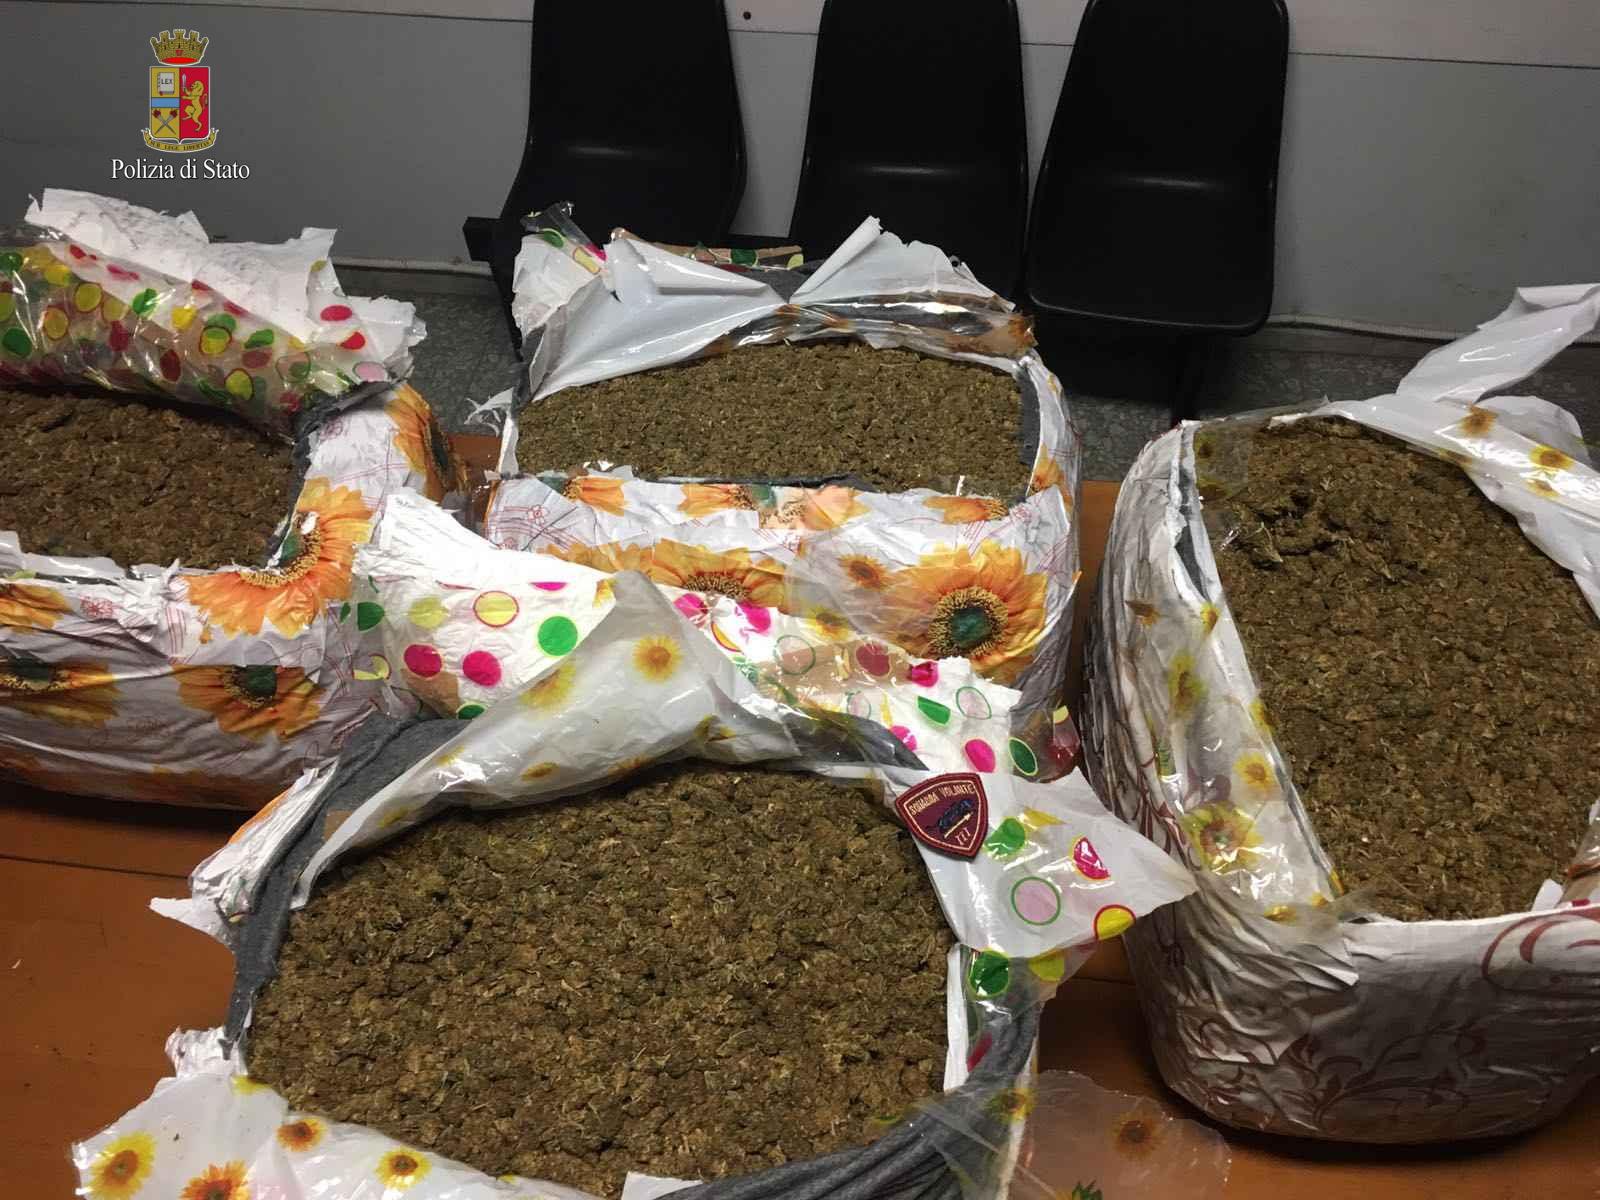 Tentuan të dërgonin me postë 75 kg marijuanë nga Roma në Londër, pranga shqiptarëve